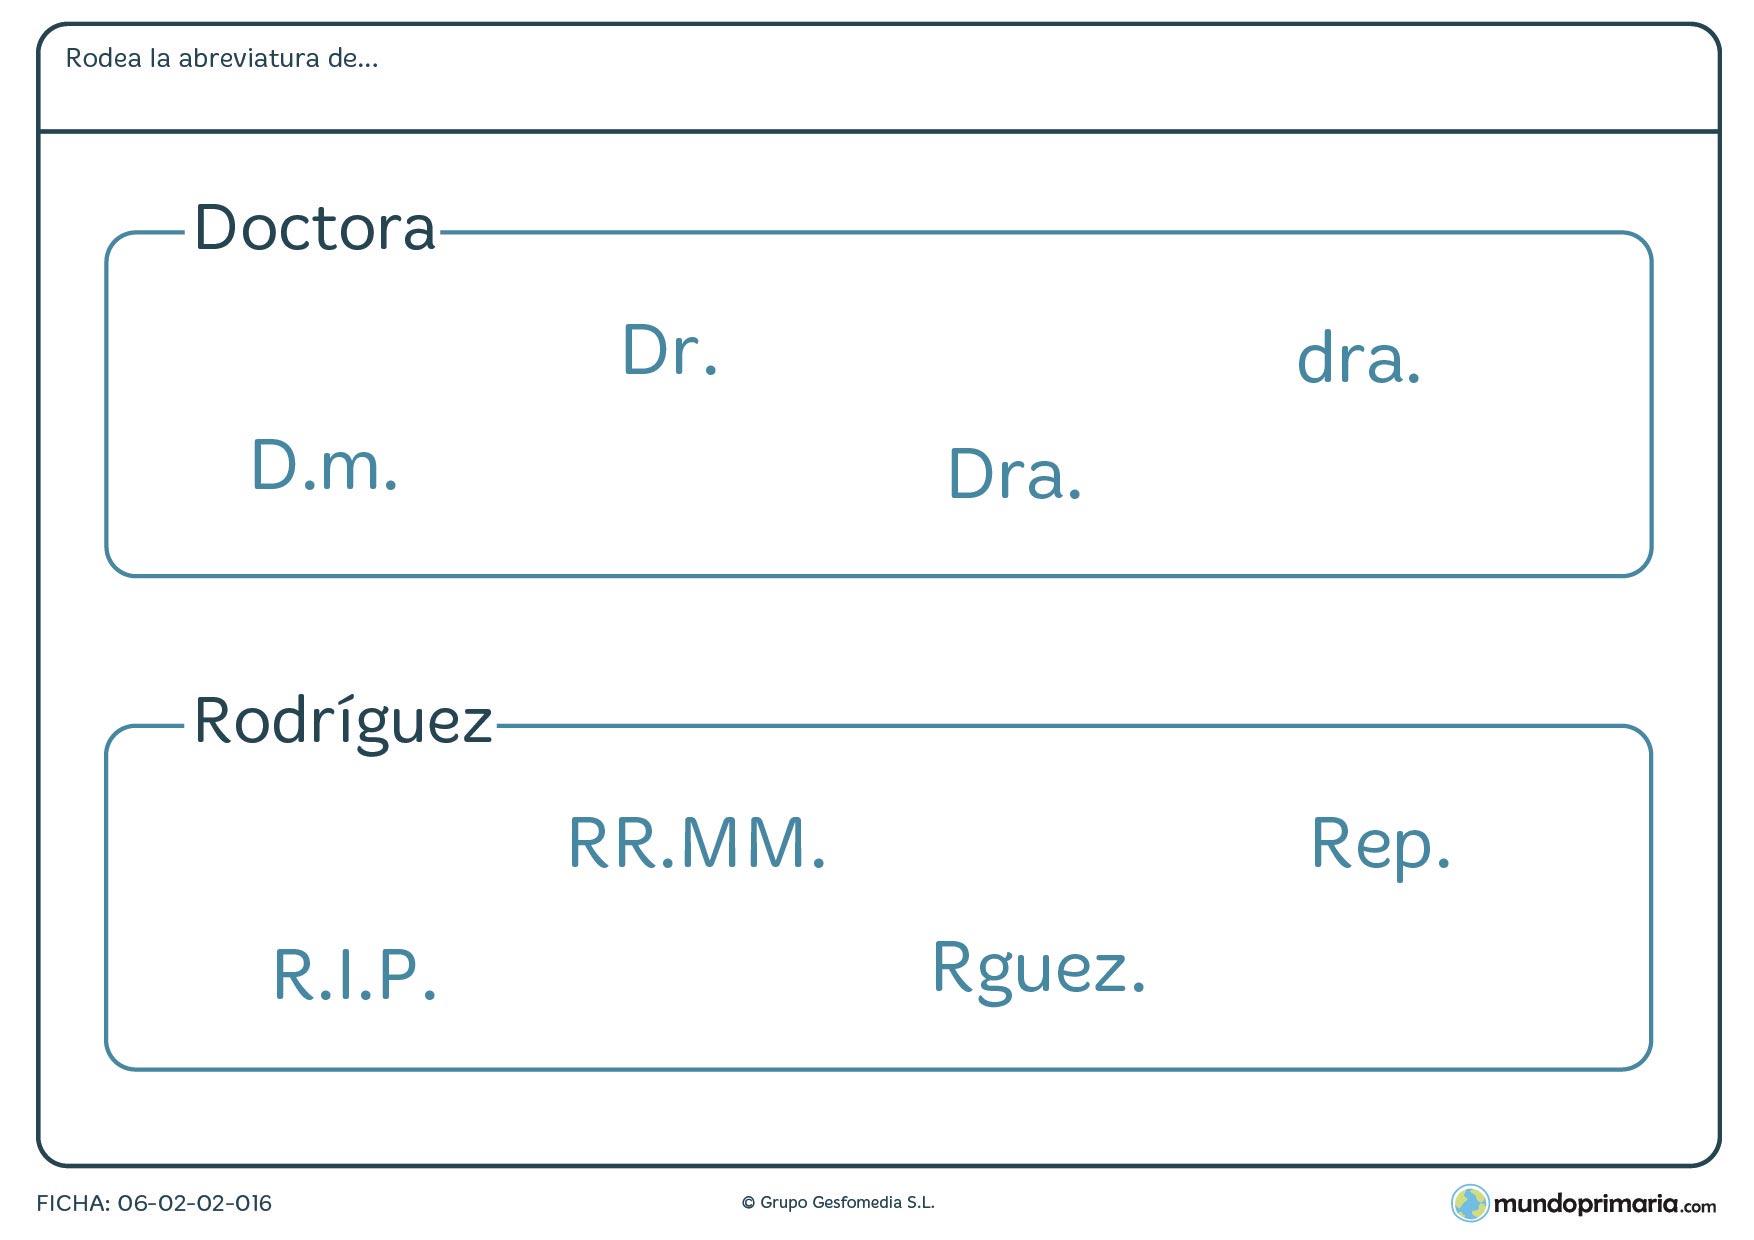 Ficha de relacionar las abreviaturas de doctora y Rodríguez